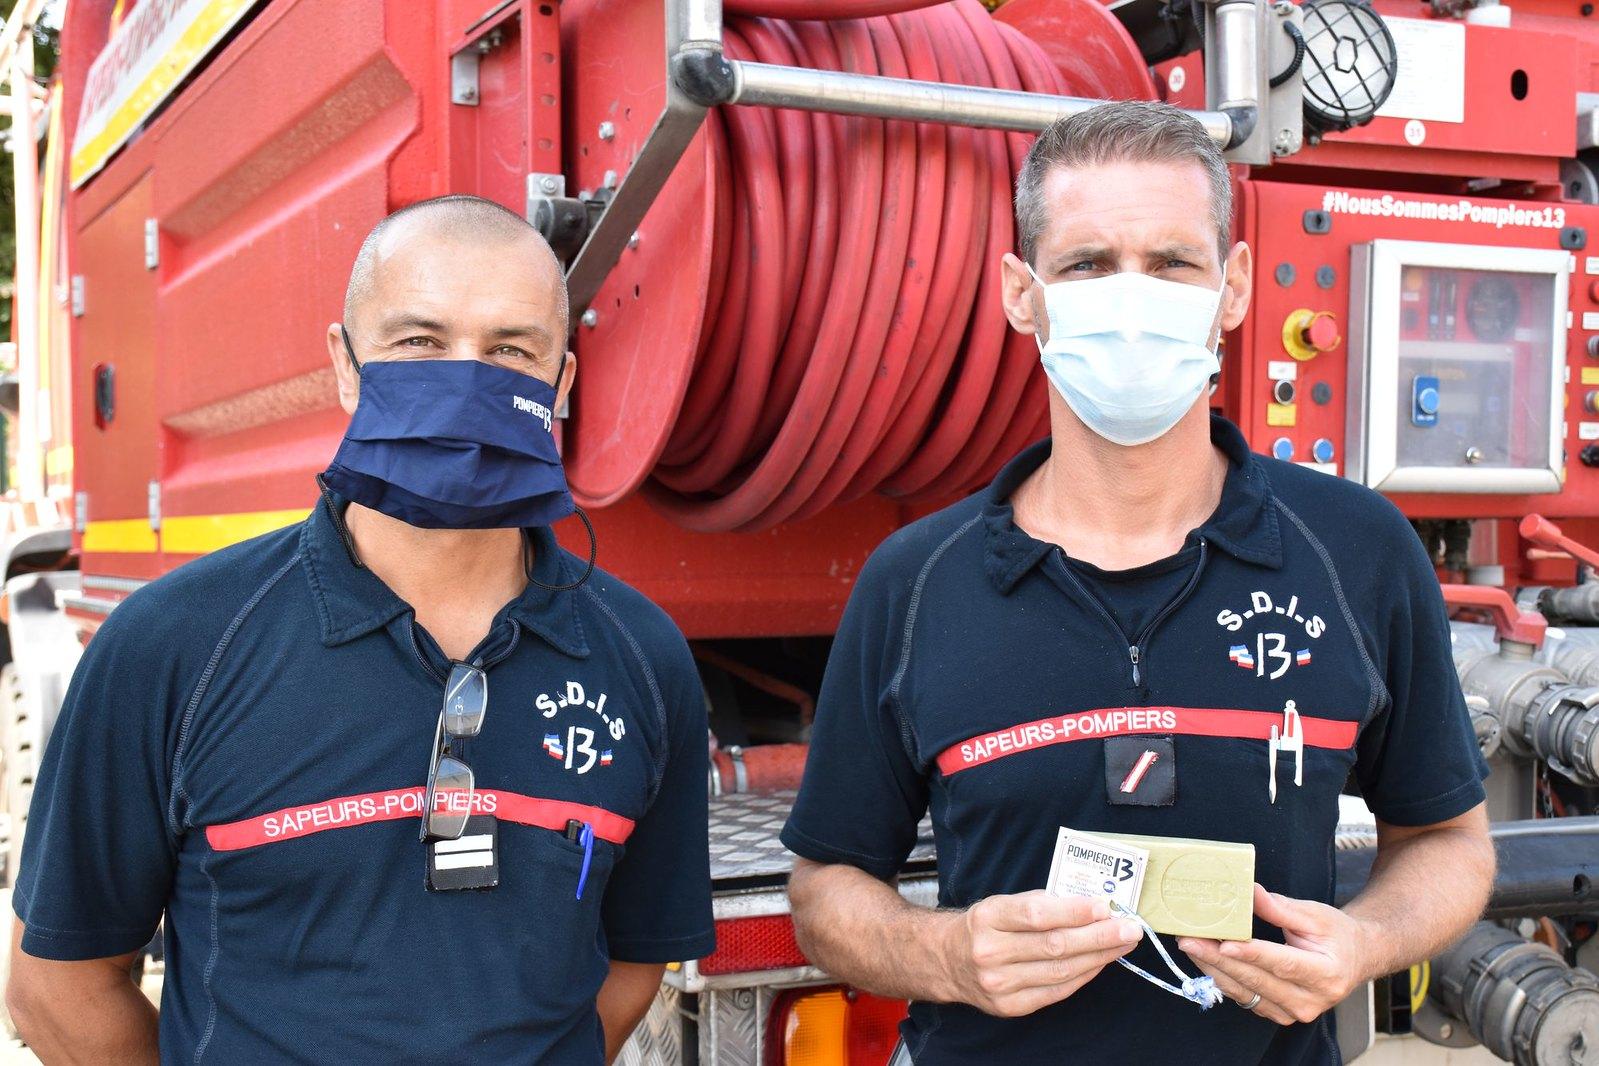 Des savons artisanaux à disposition des Pompiers13